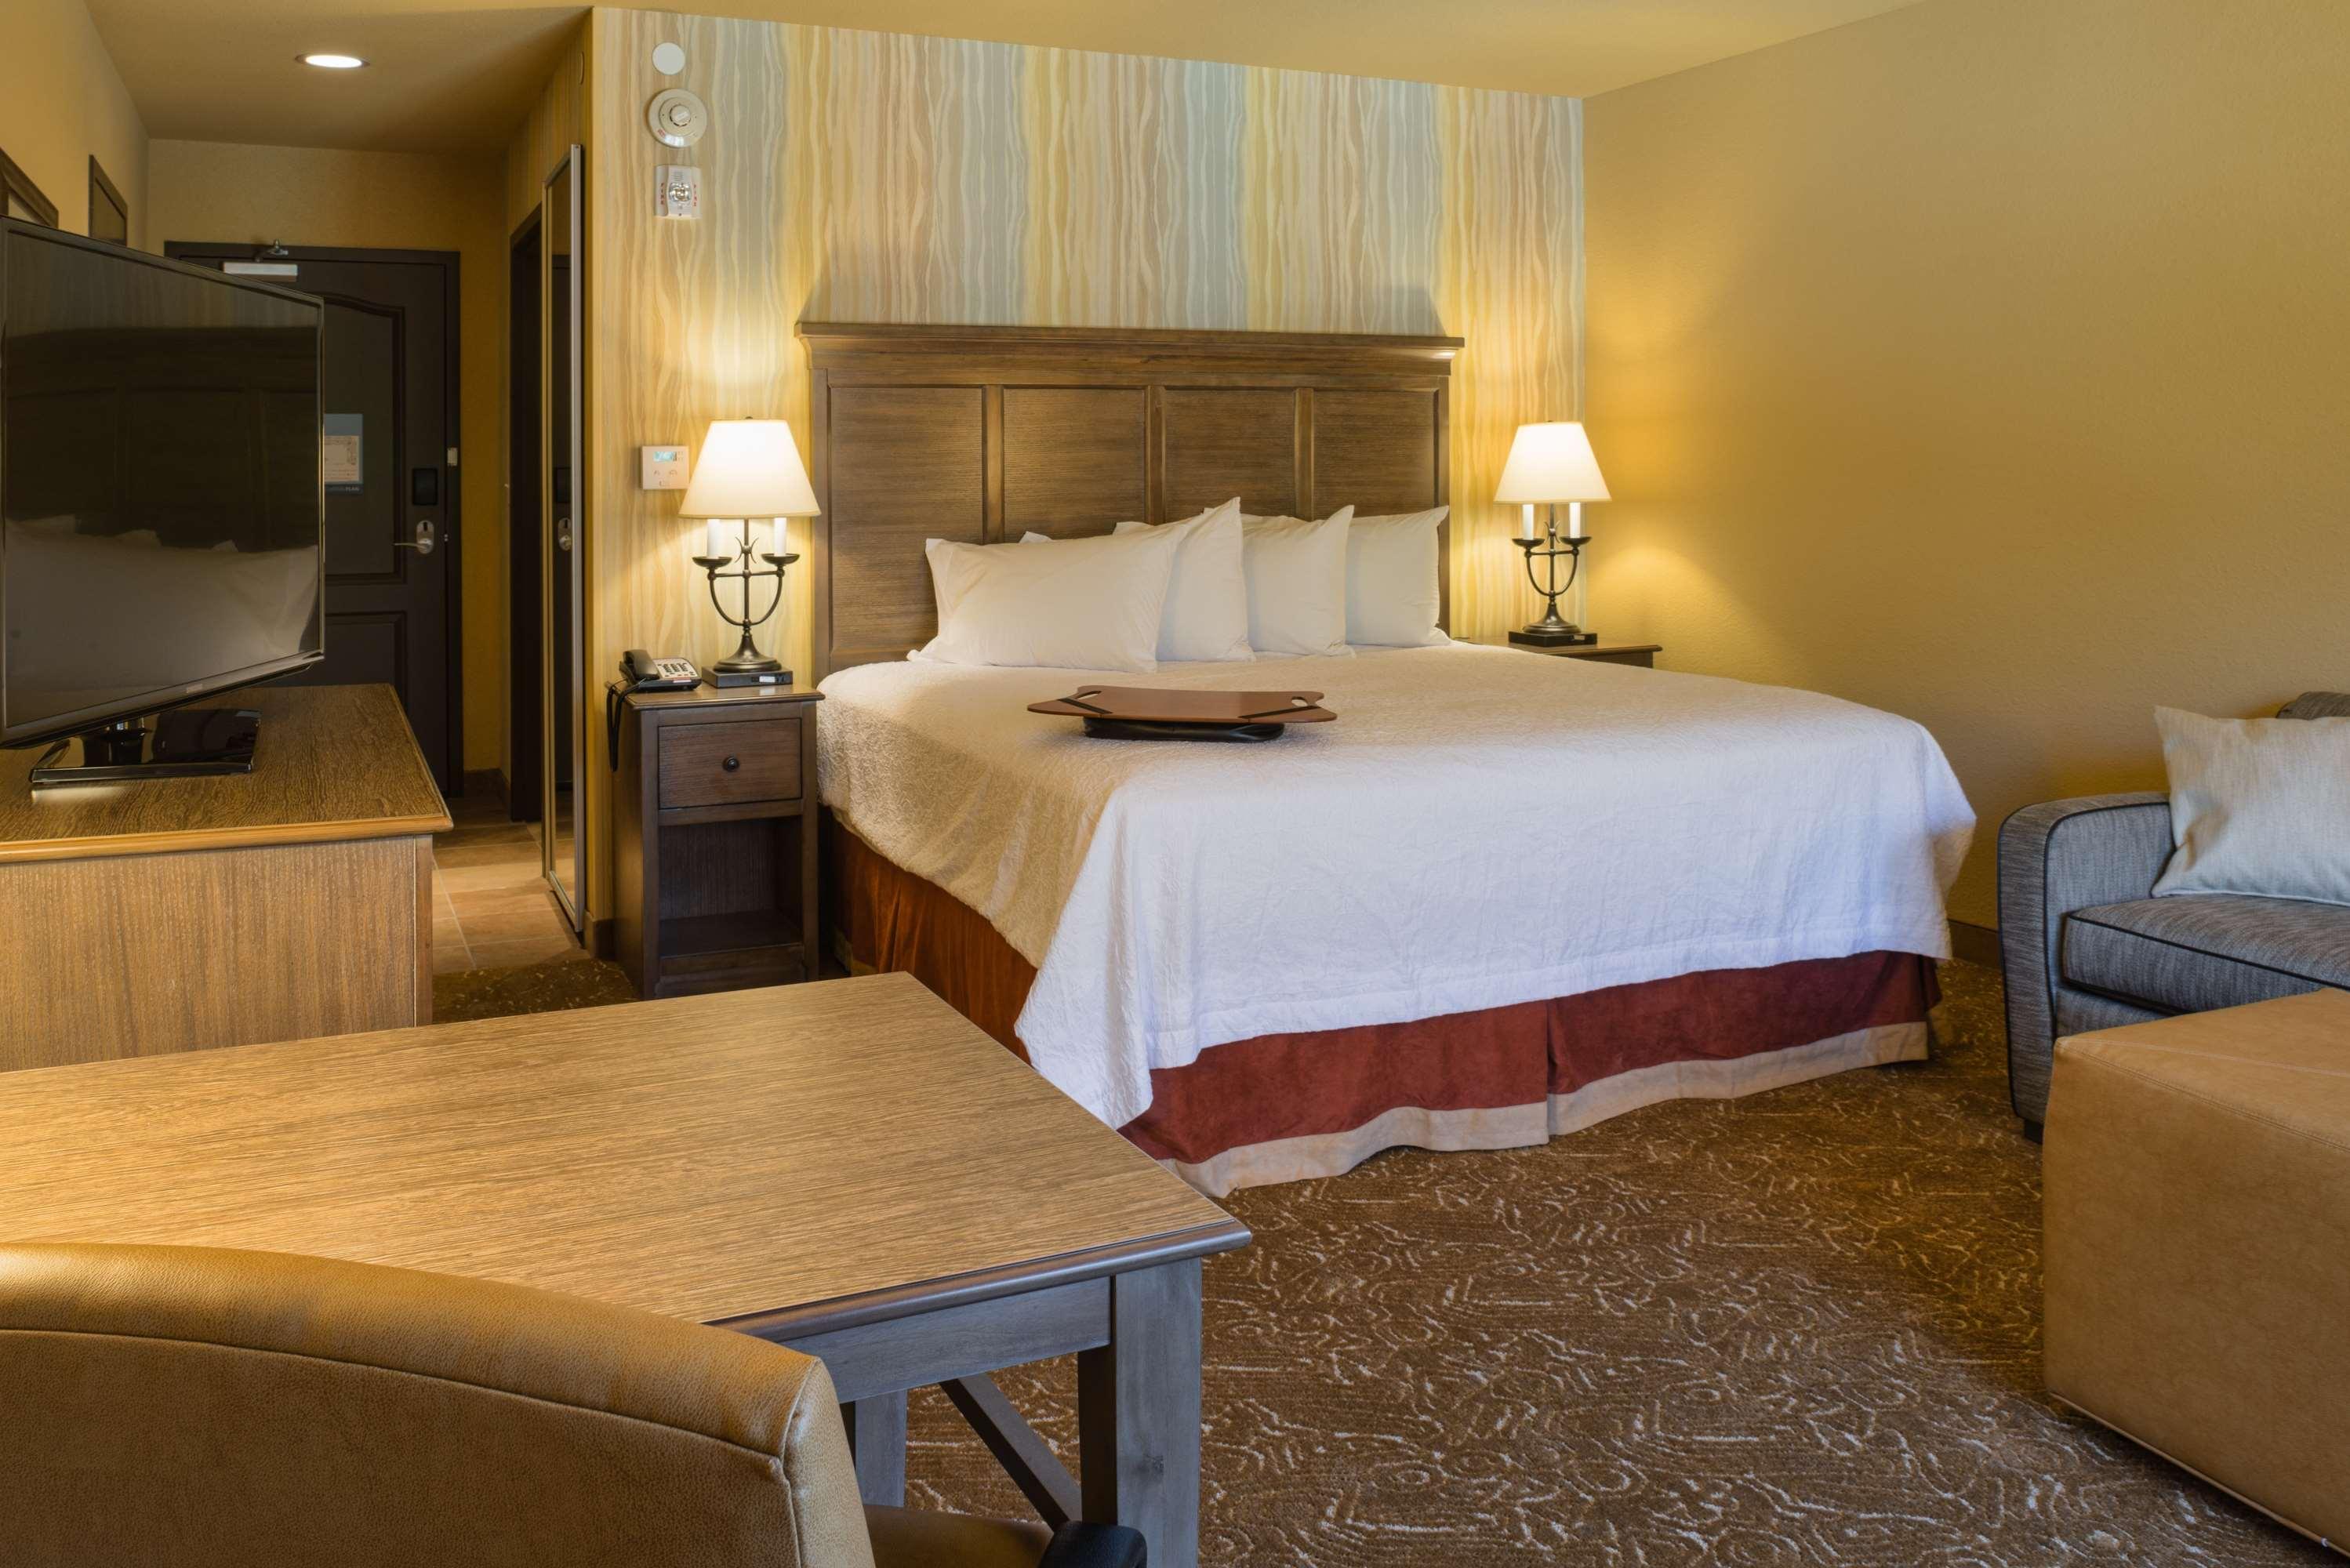 Hampton Inn & Suites Springdale/Zion National Park image 19